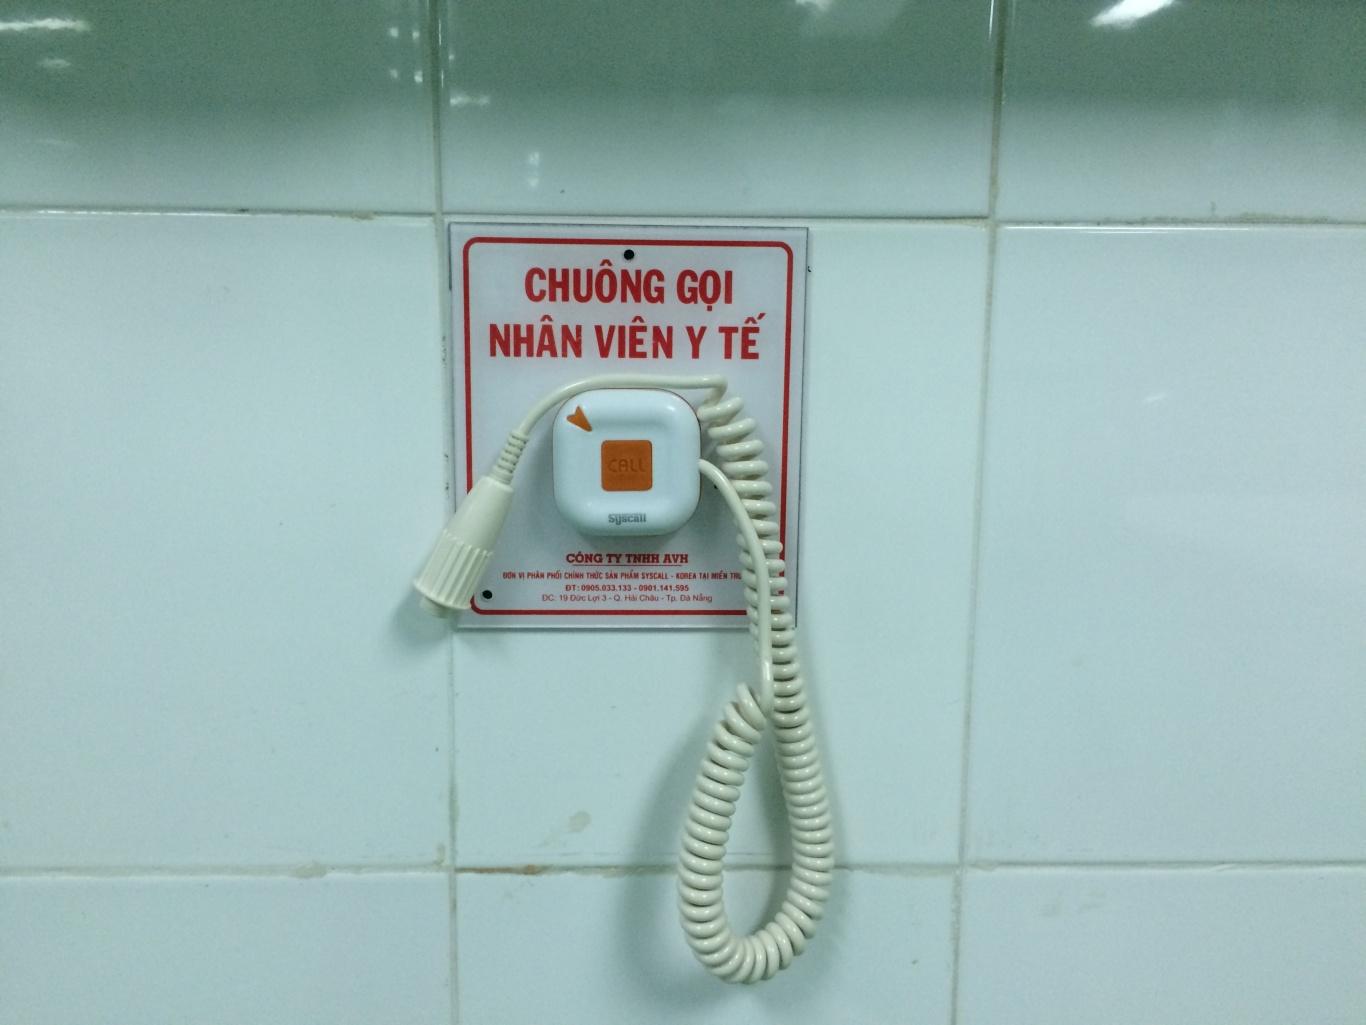 Khoa gây mê hồi sức BVPS nhi Đà Nẵng đã lắp đặt nút chuông gọi y tá WS-100